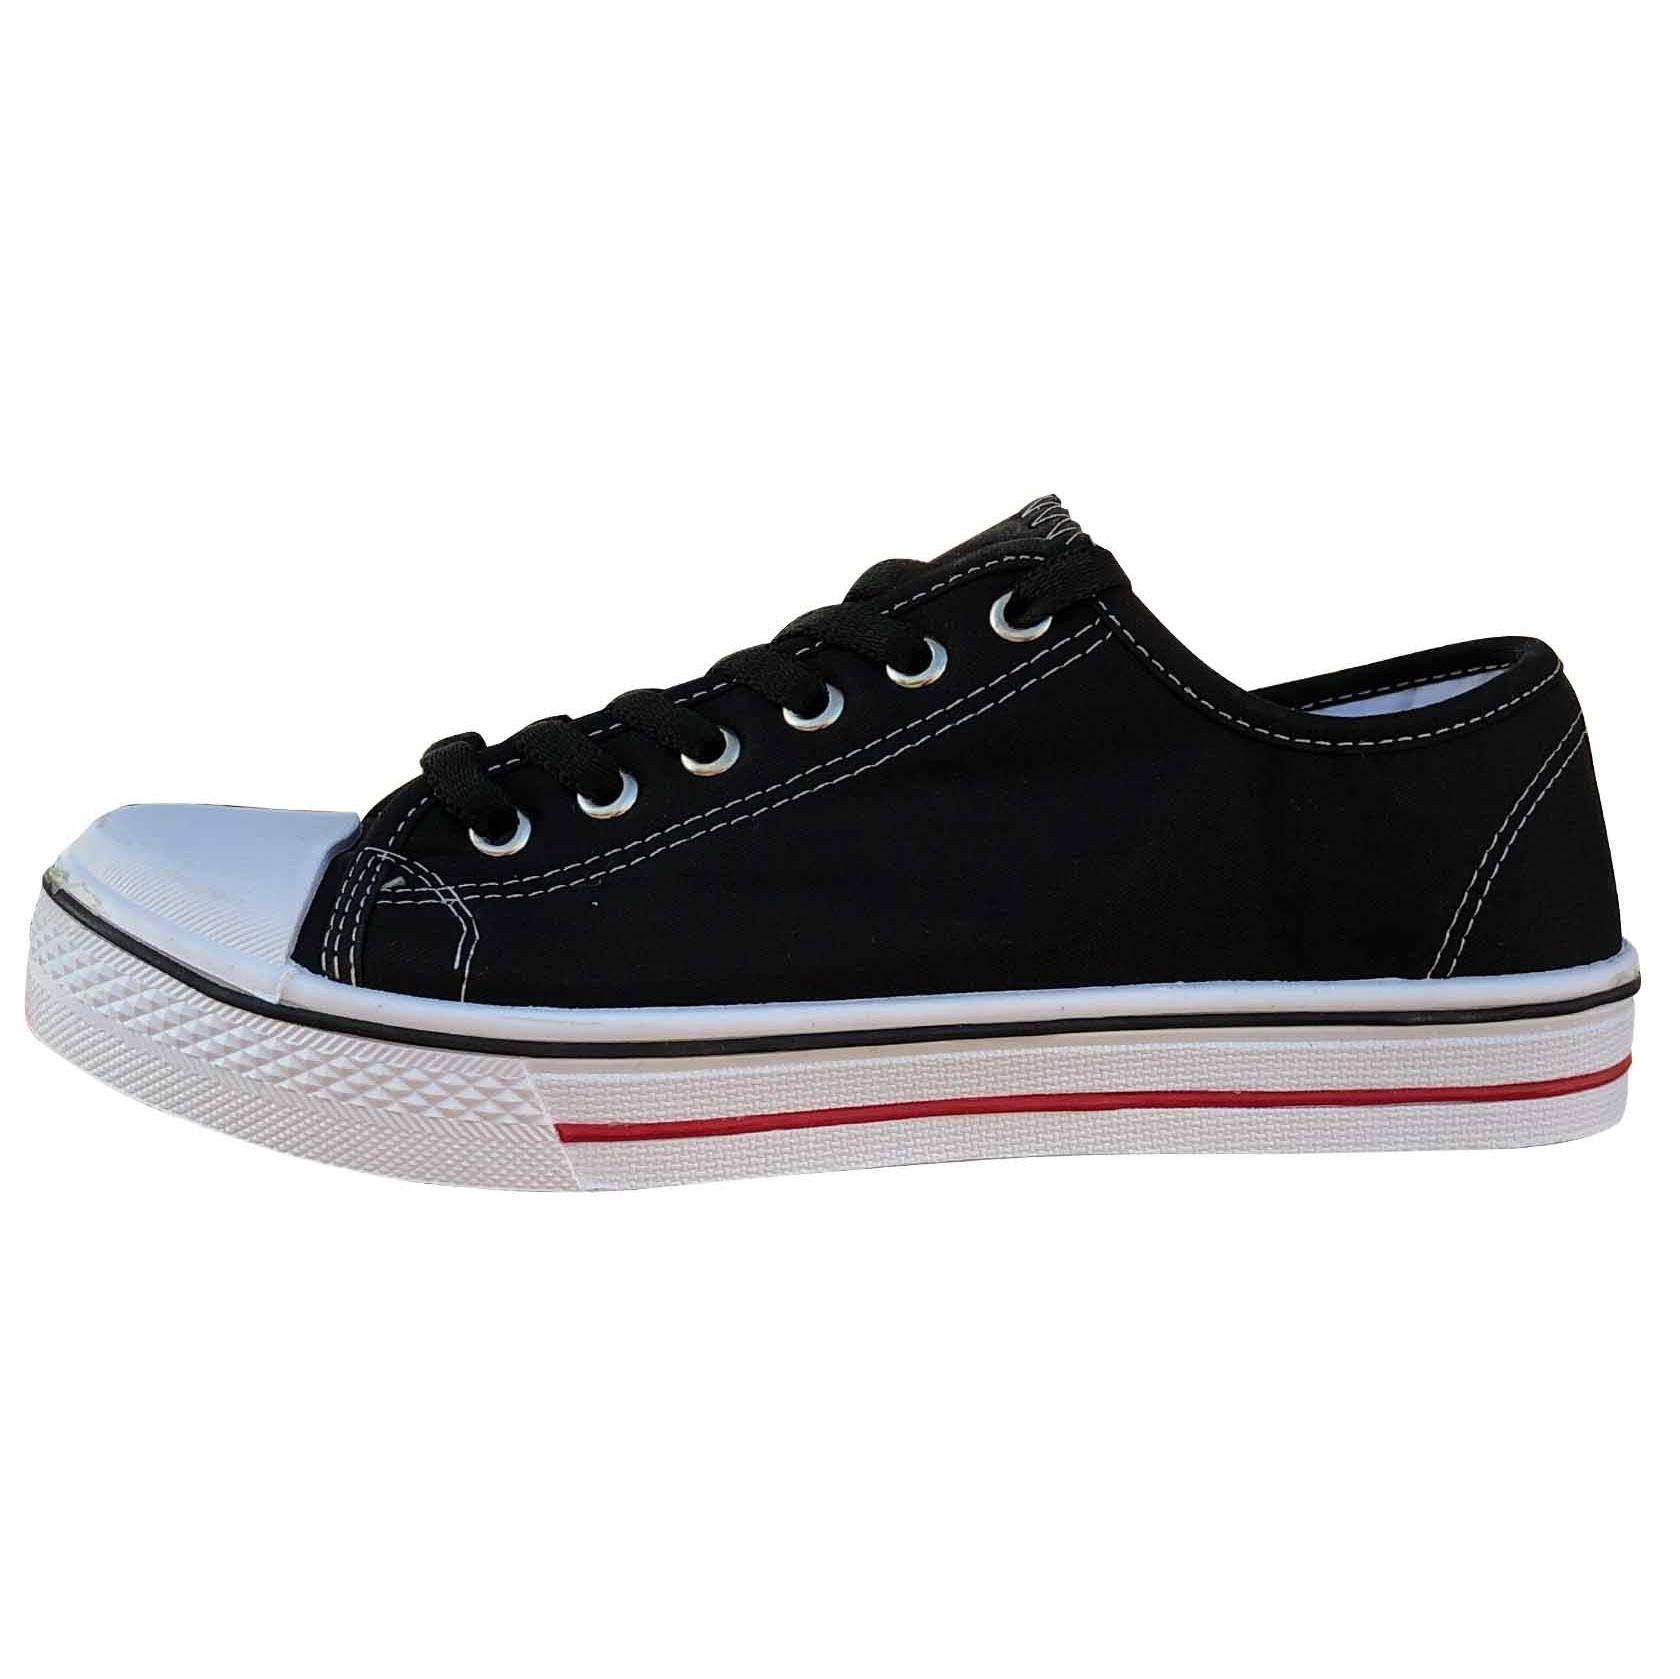 کفش ورزشی مردانه کد 3010